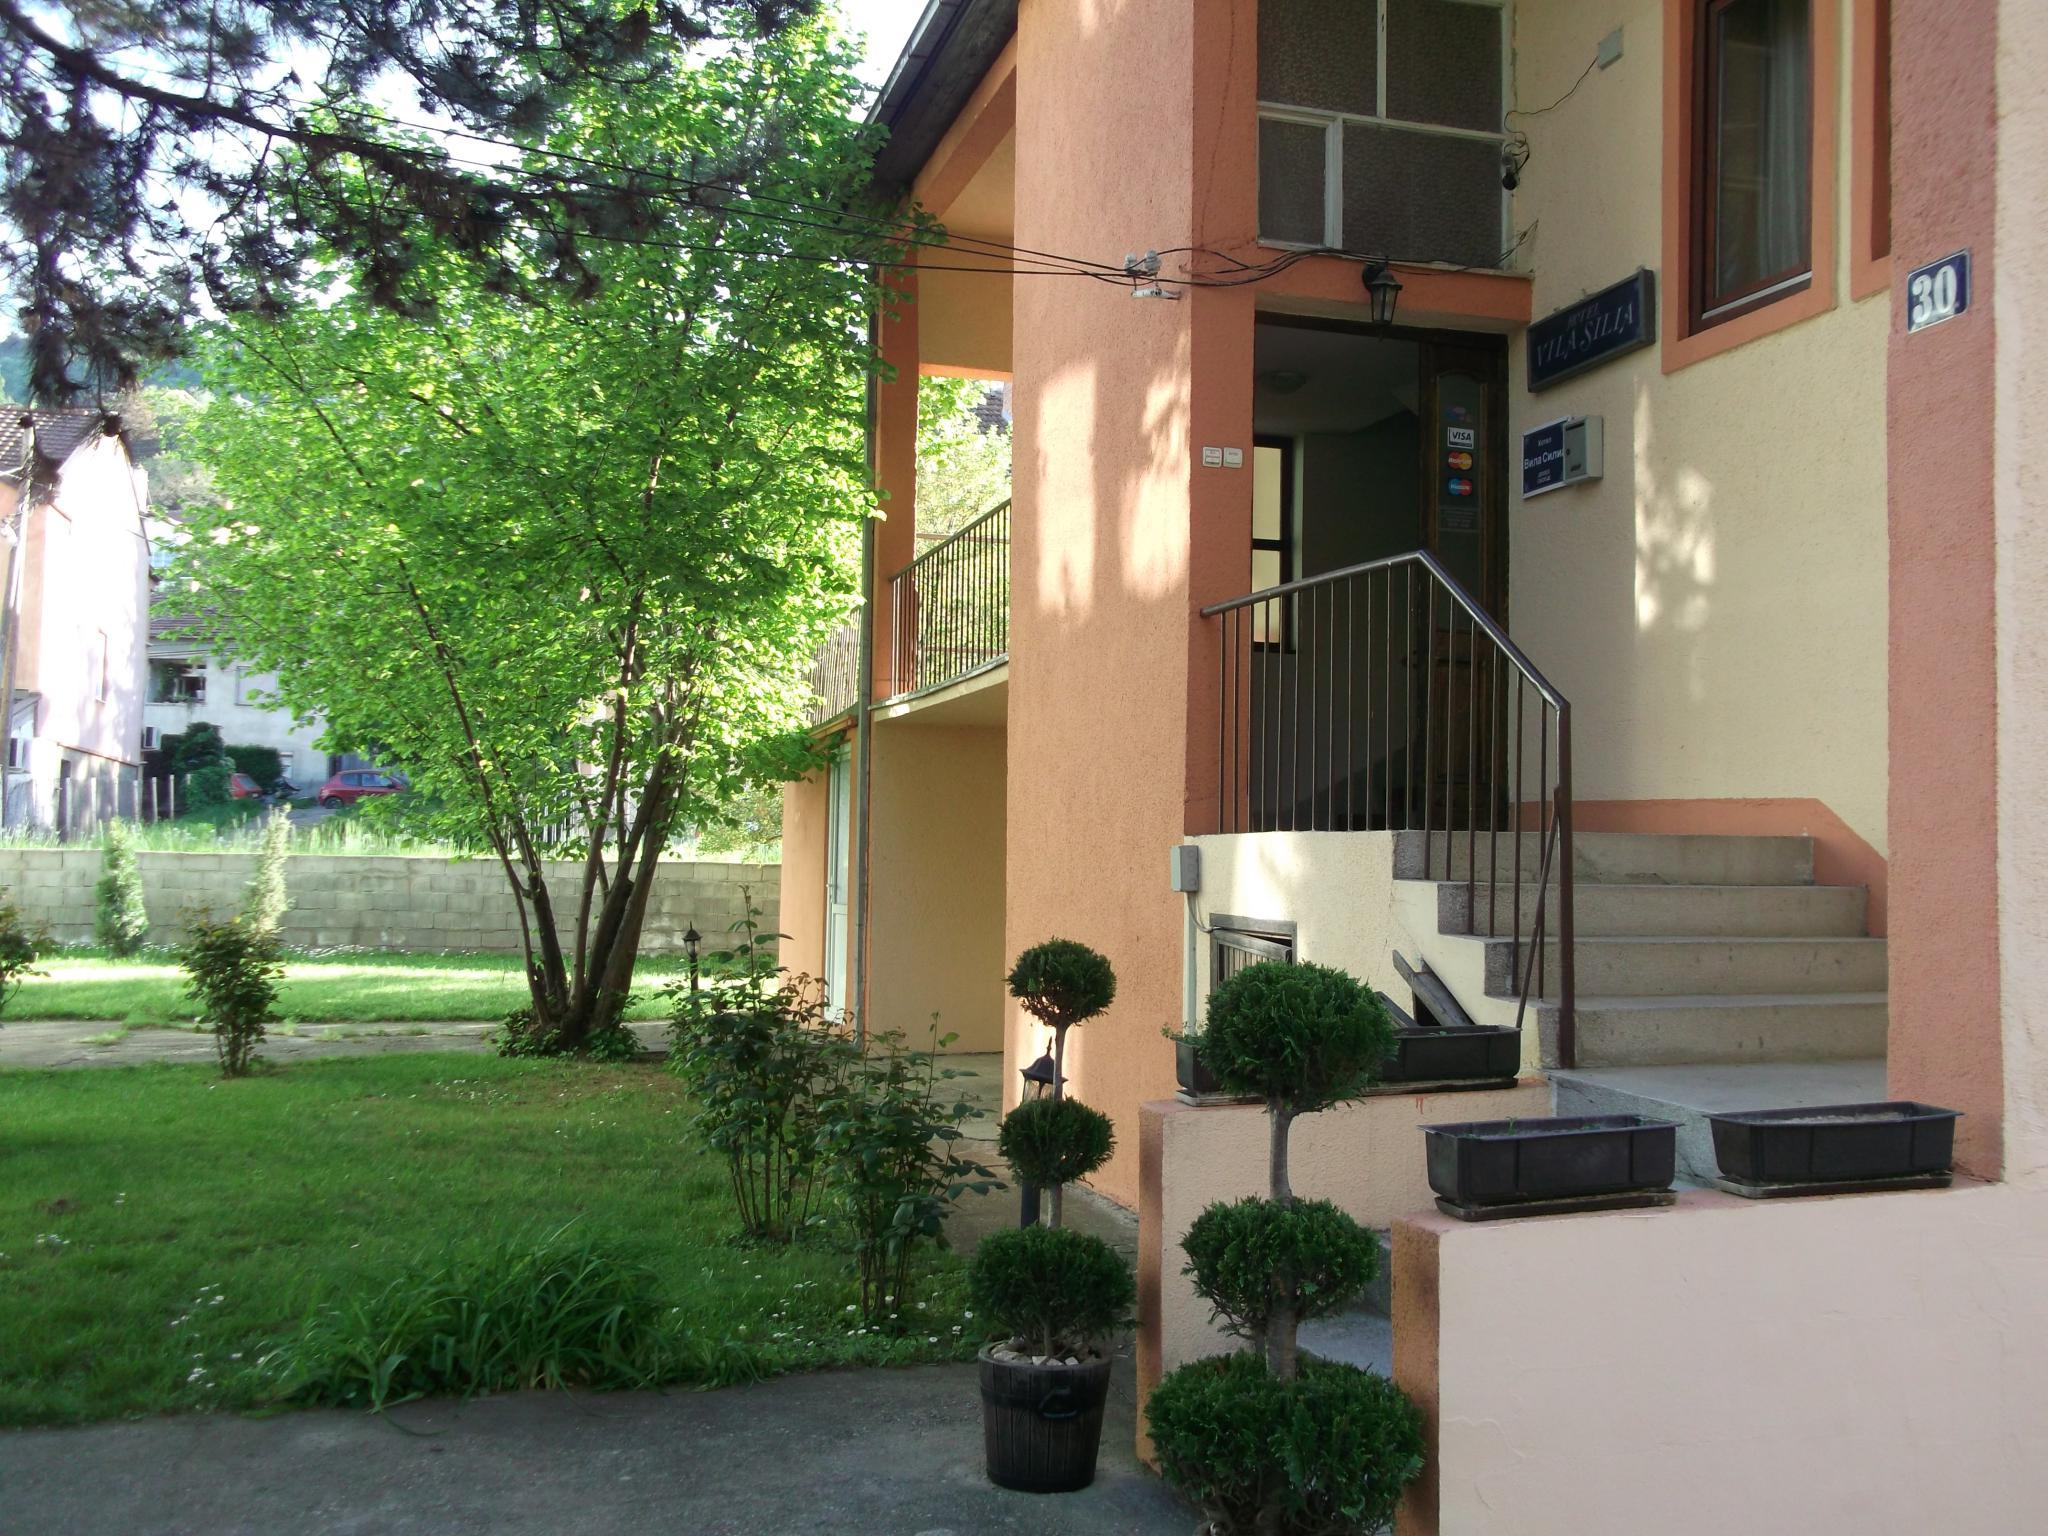 Bienvenido a Hotel Vila Silia